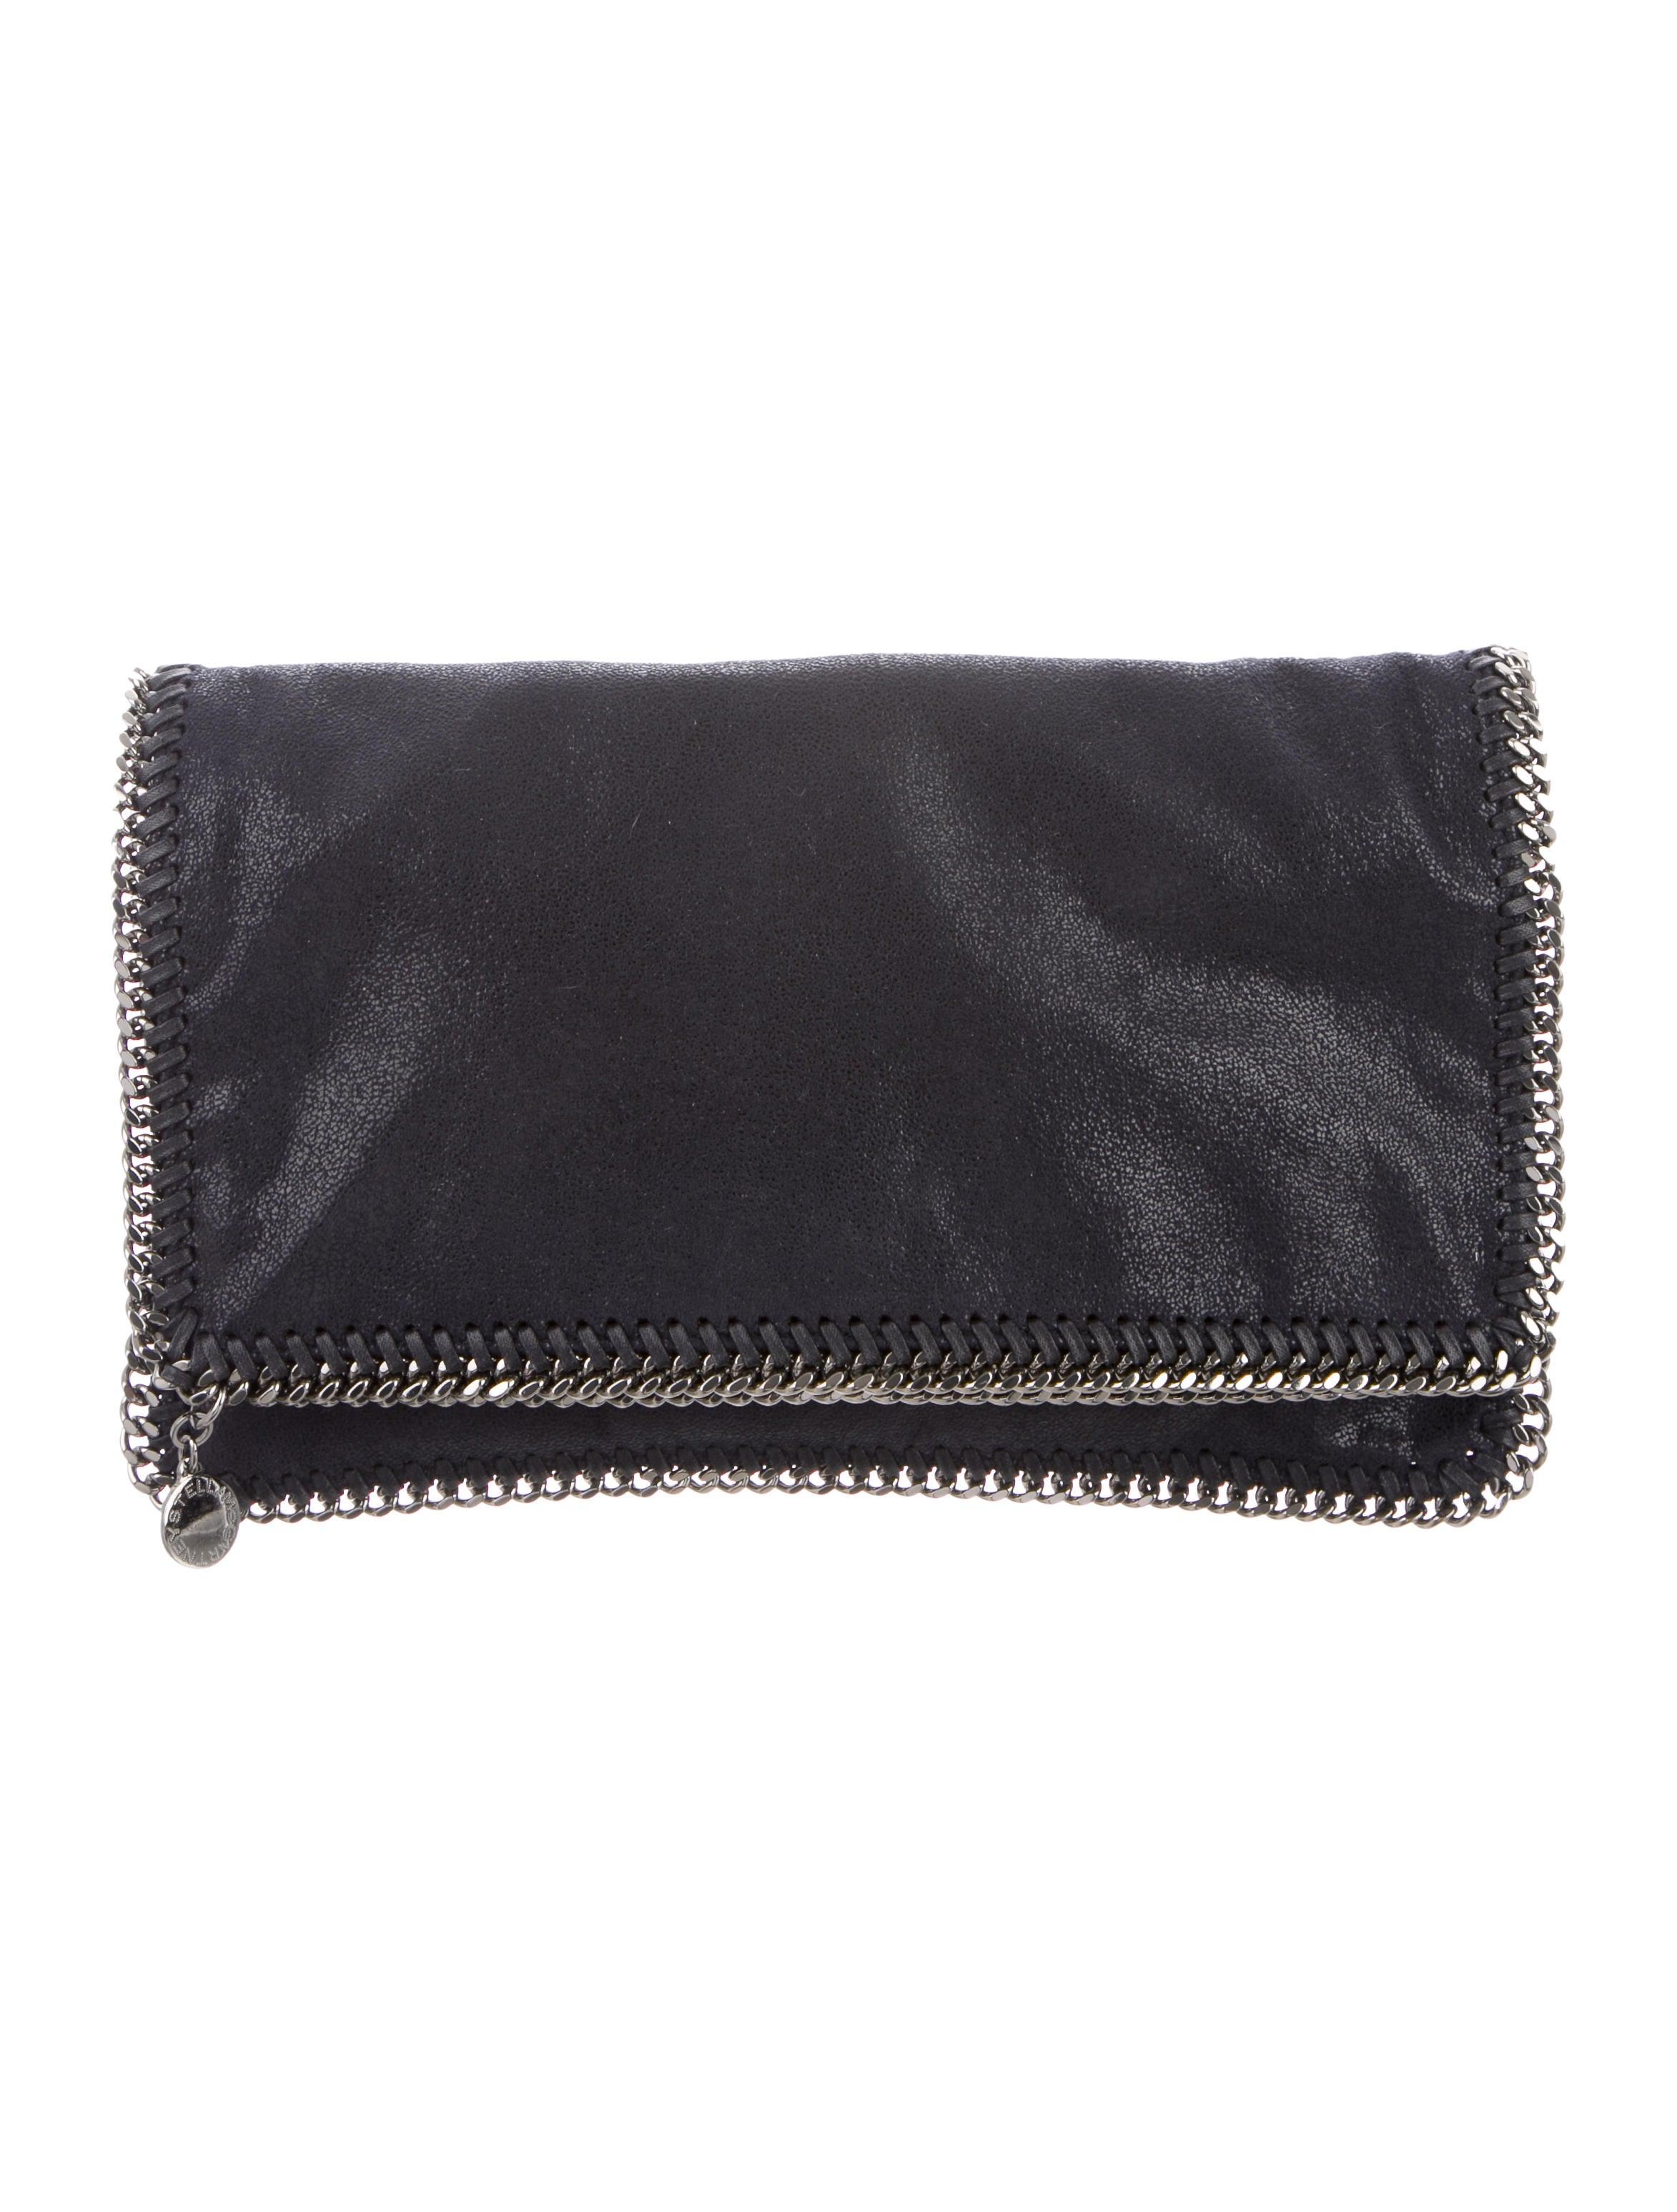 7db33fedd3588f Stella McCartney. Falabella Fold-Over Clutch. $525.00. Chanel. CC  Continental Wallet. $238.50. XL Gentle Boy Flap ...